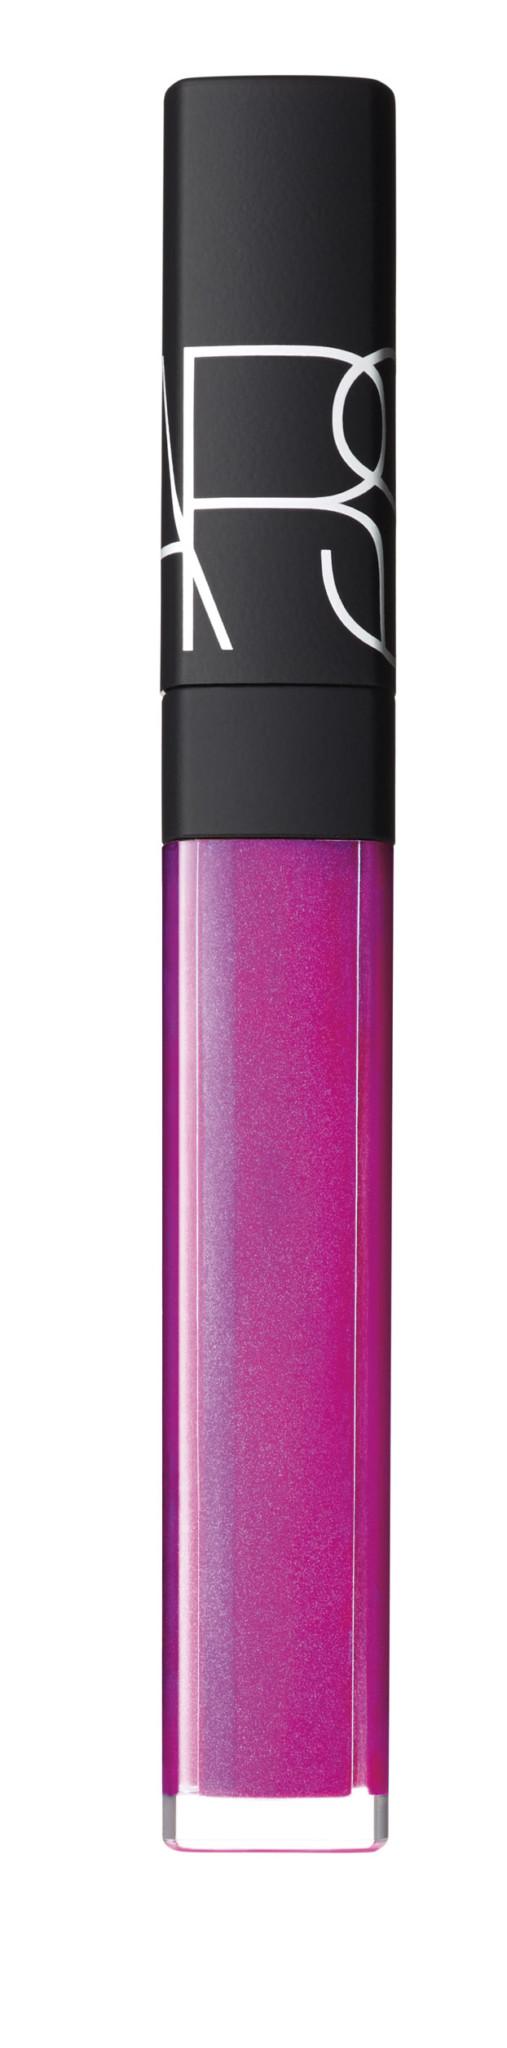 NARS Easy Lover Lip Gloss-JPEG